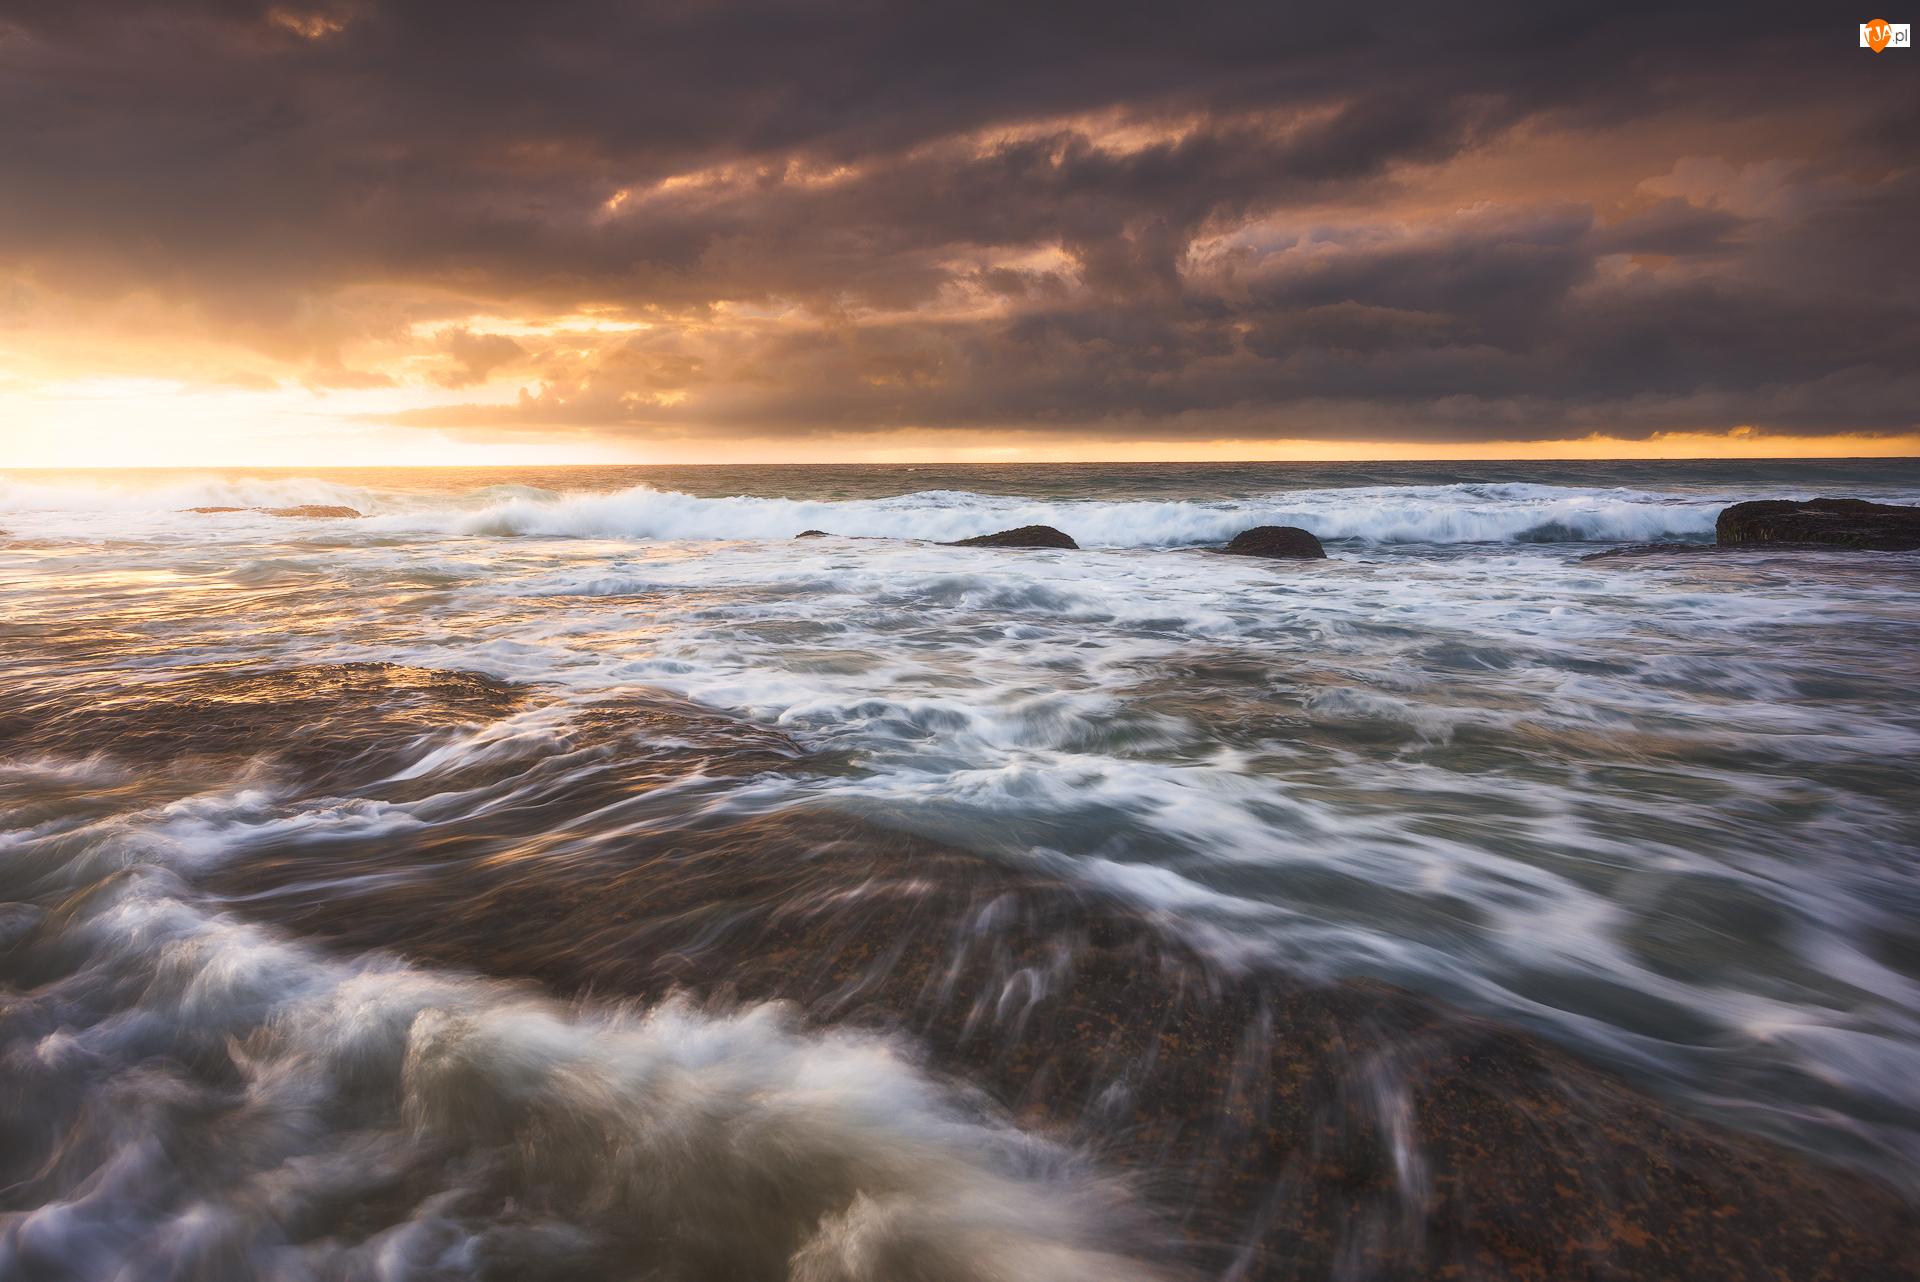 Wschód słońca, Chmury, Skały, Morze, Ciemne